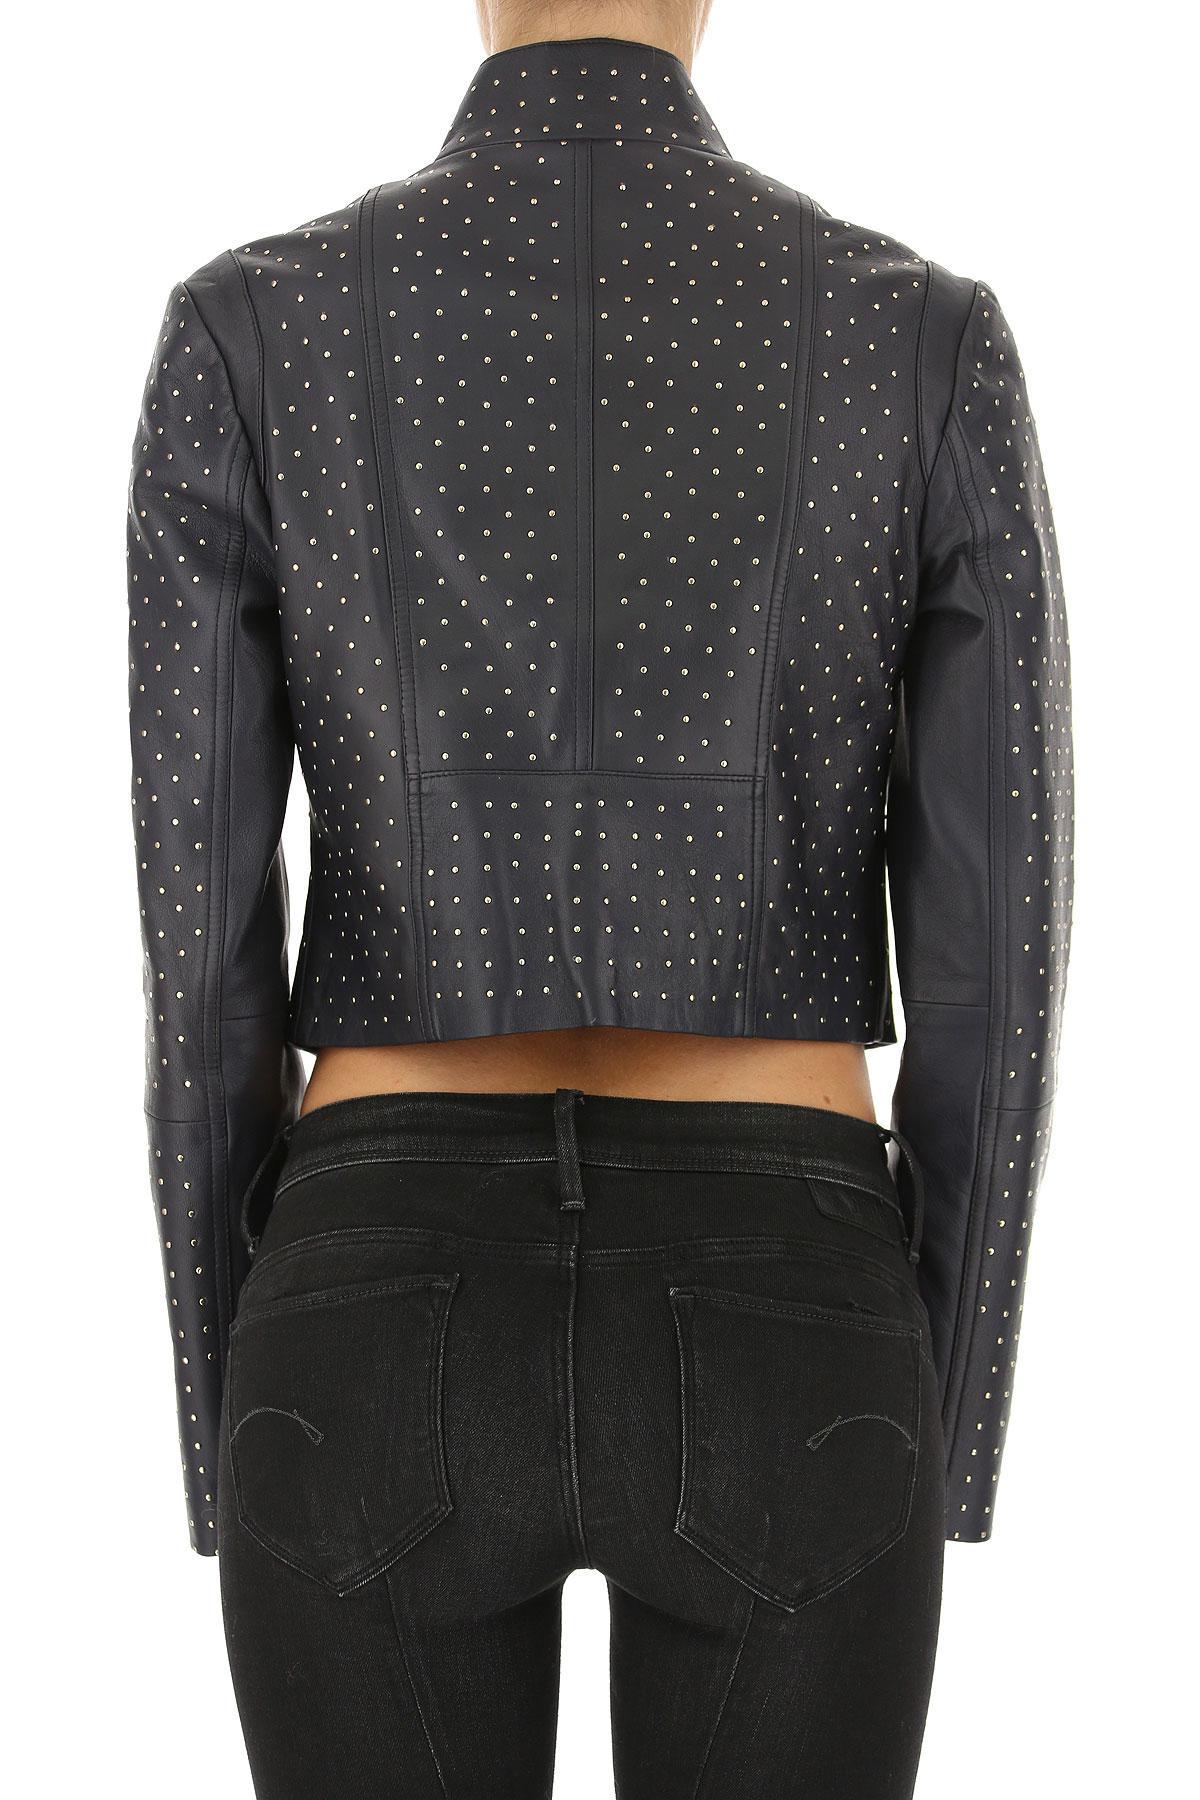 new style 2ab83 aaa96 guess-black-Veste-Cuir-Femme-Pas-cher-en-Soldes.jpeg